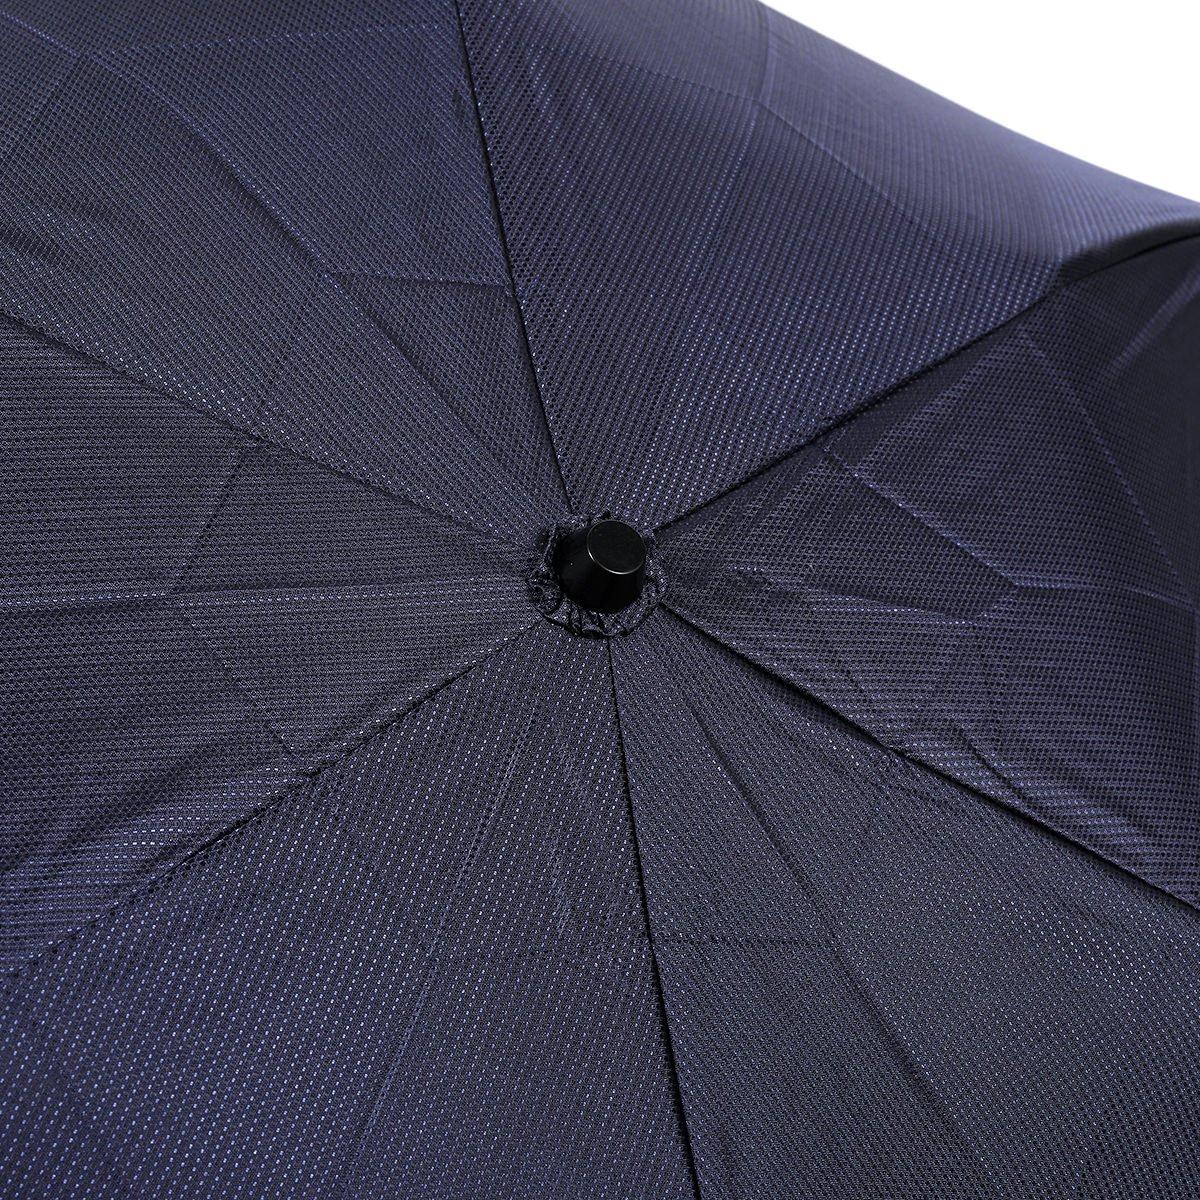 【セール】ミニ フラット ジャガード トビー 折りたたみ傘 詳細画像7